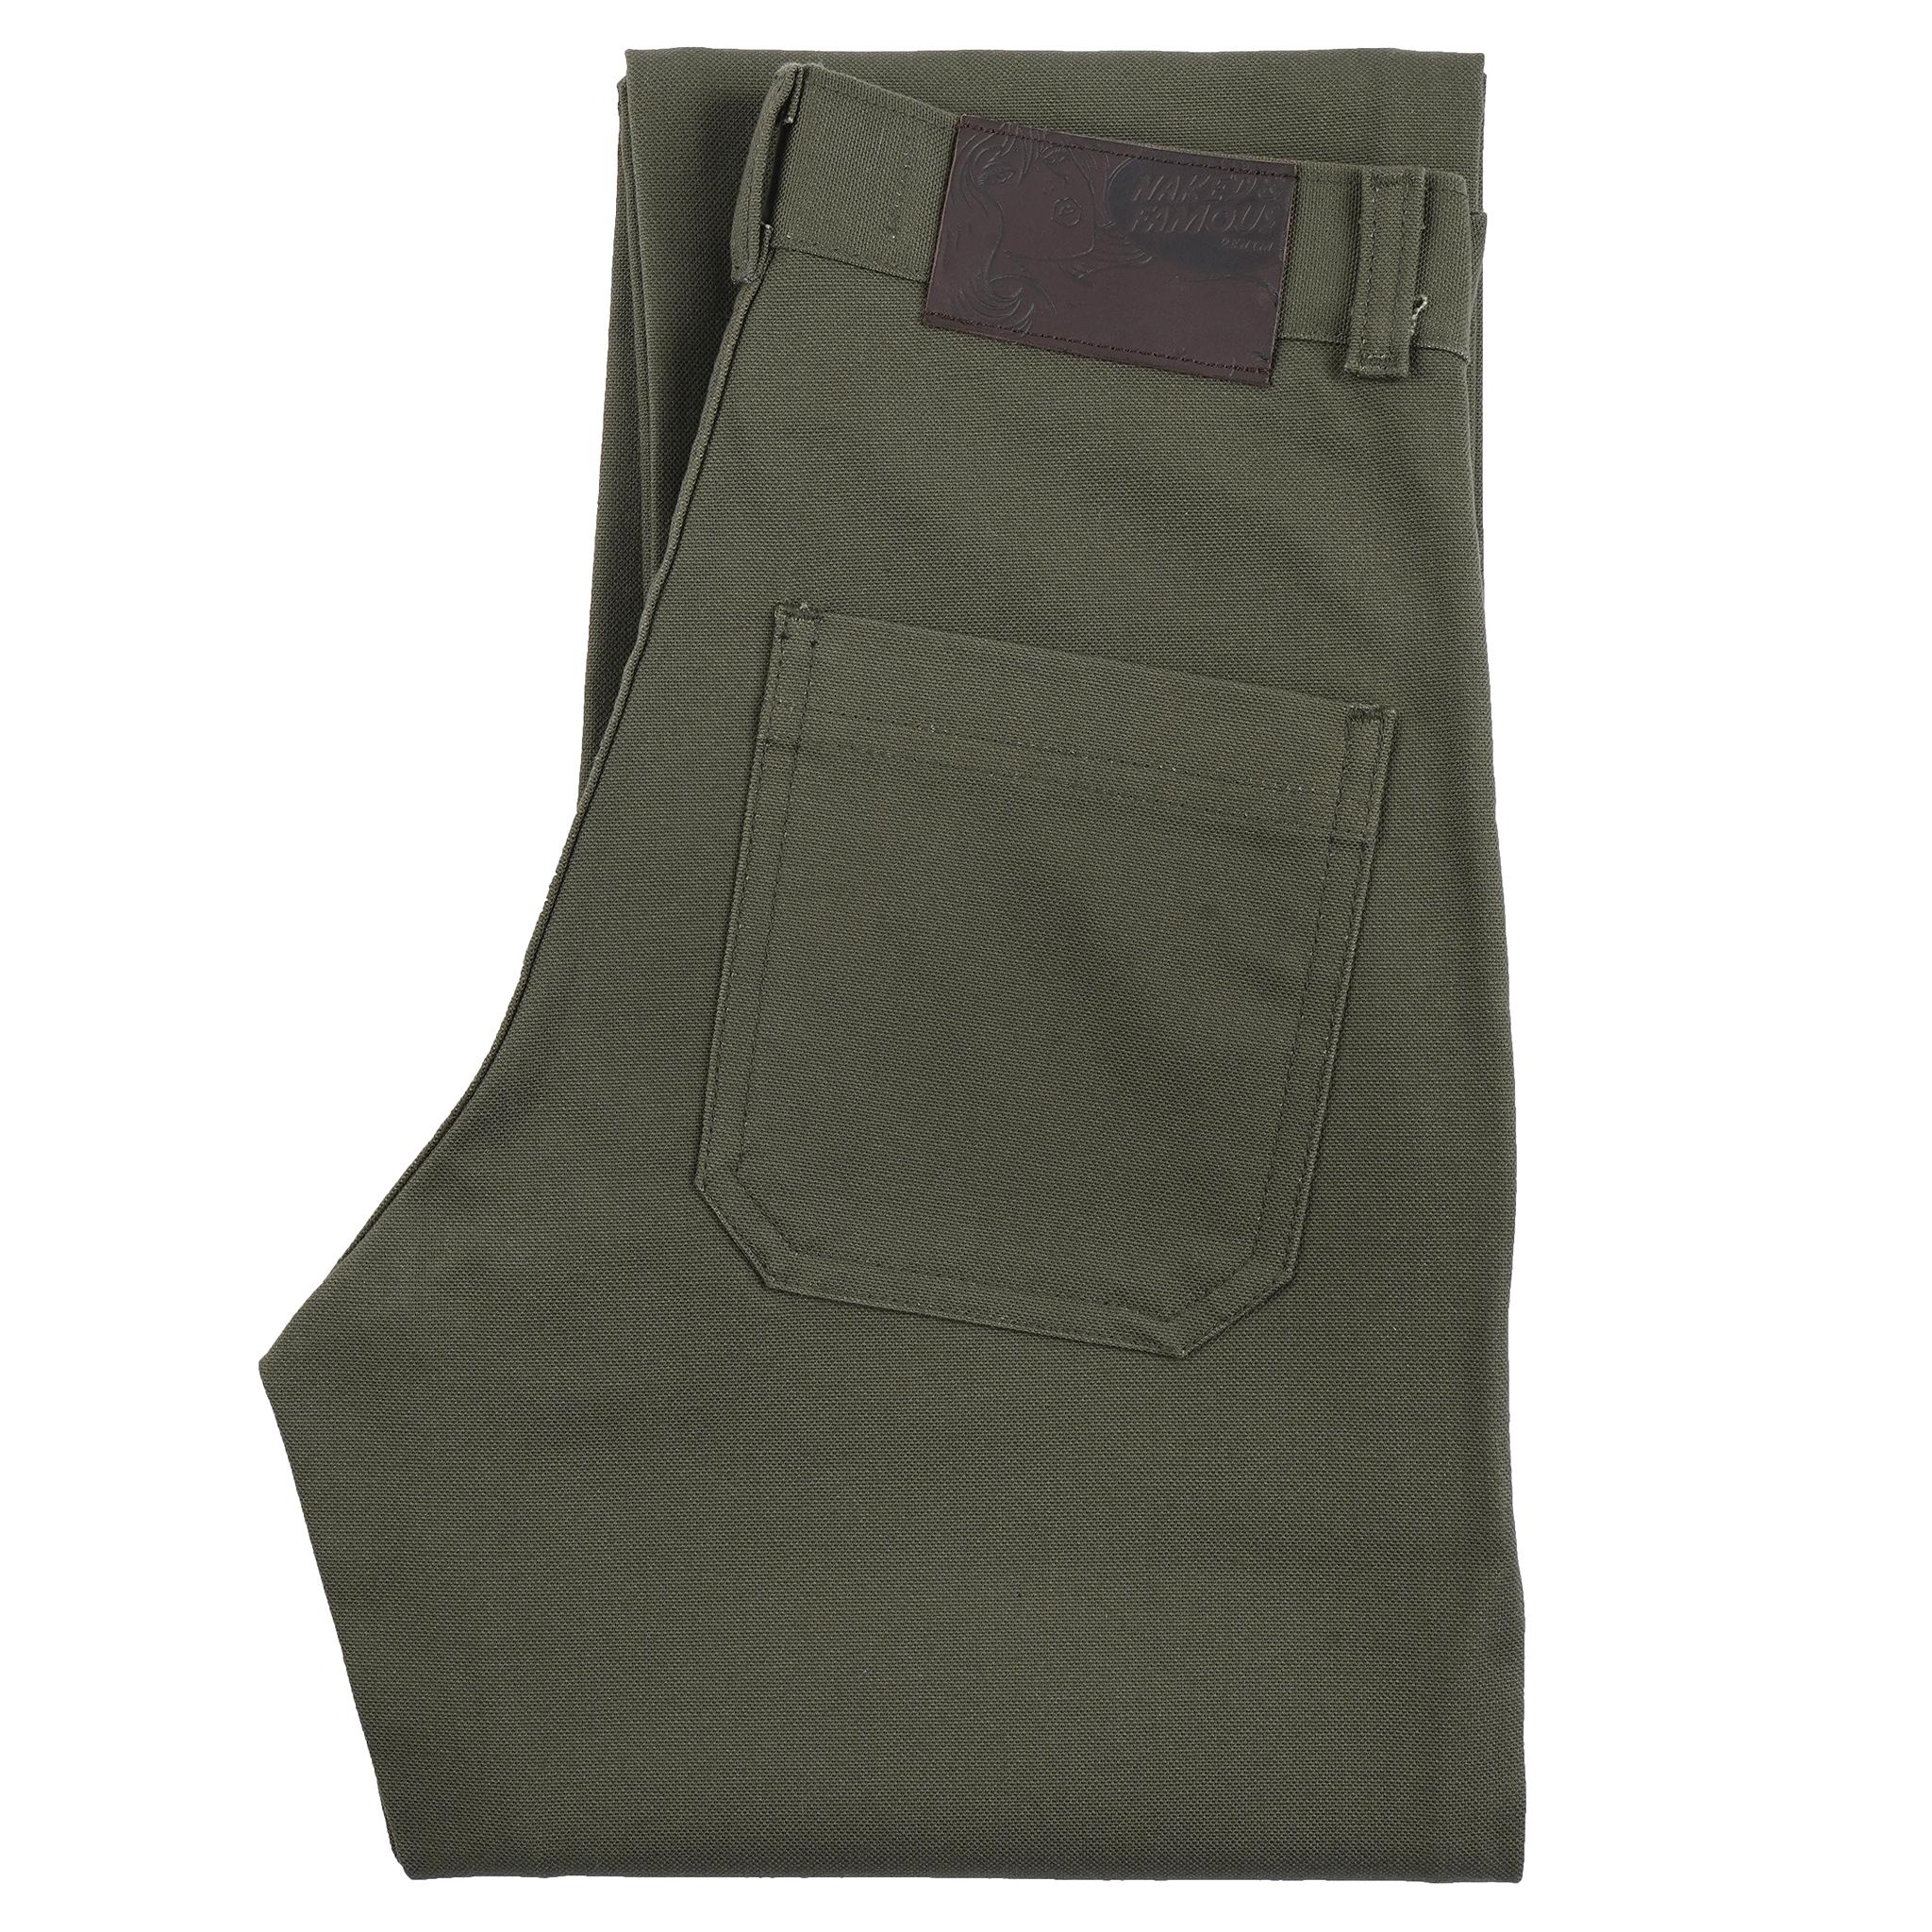 Green Canvas - Fatigue Pant